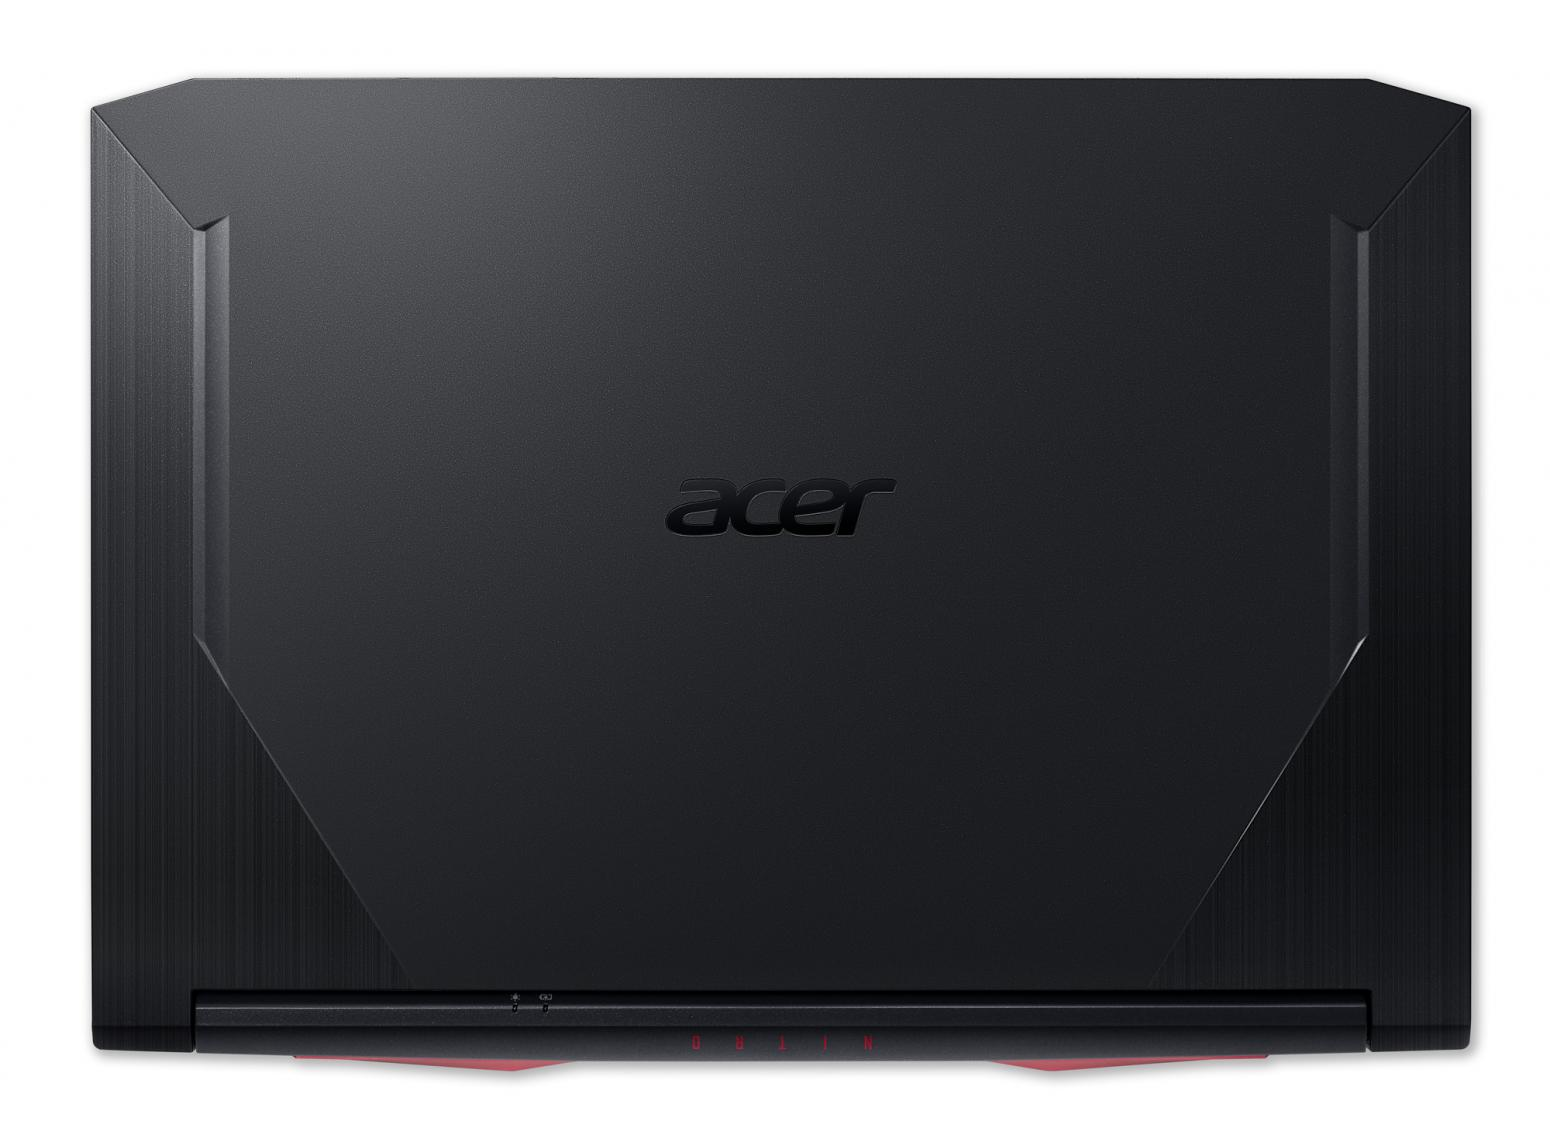 Ordinateur portable Acer Nitro 5 AN515-55-5041 - RTX 3060, 144Hz - photo 8